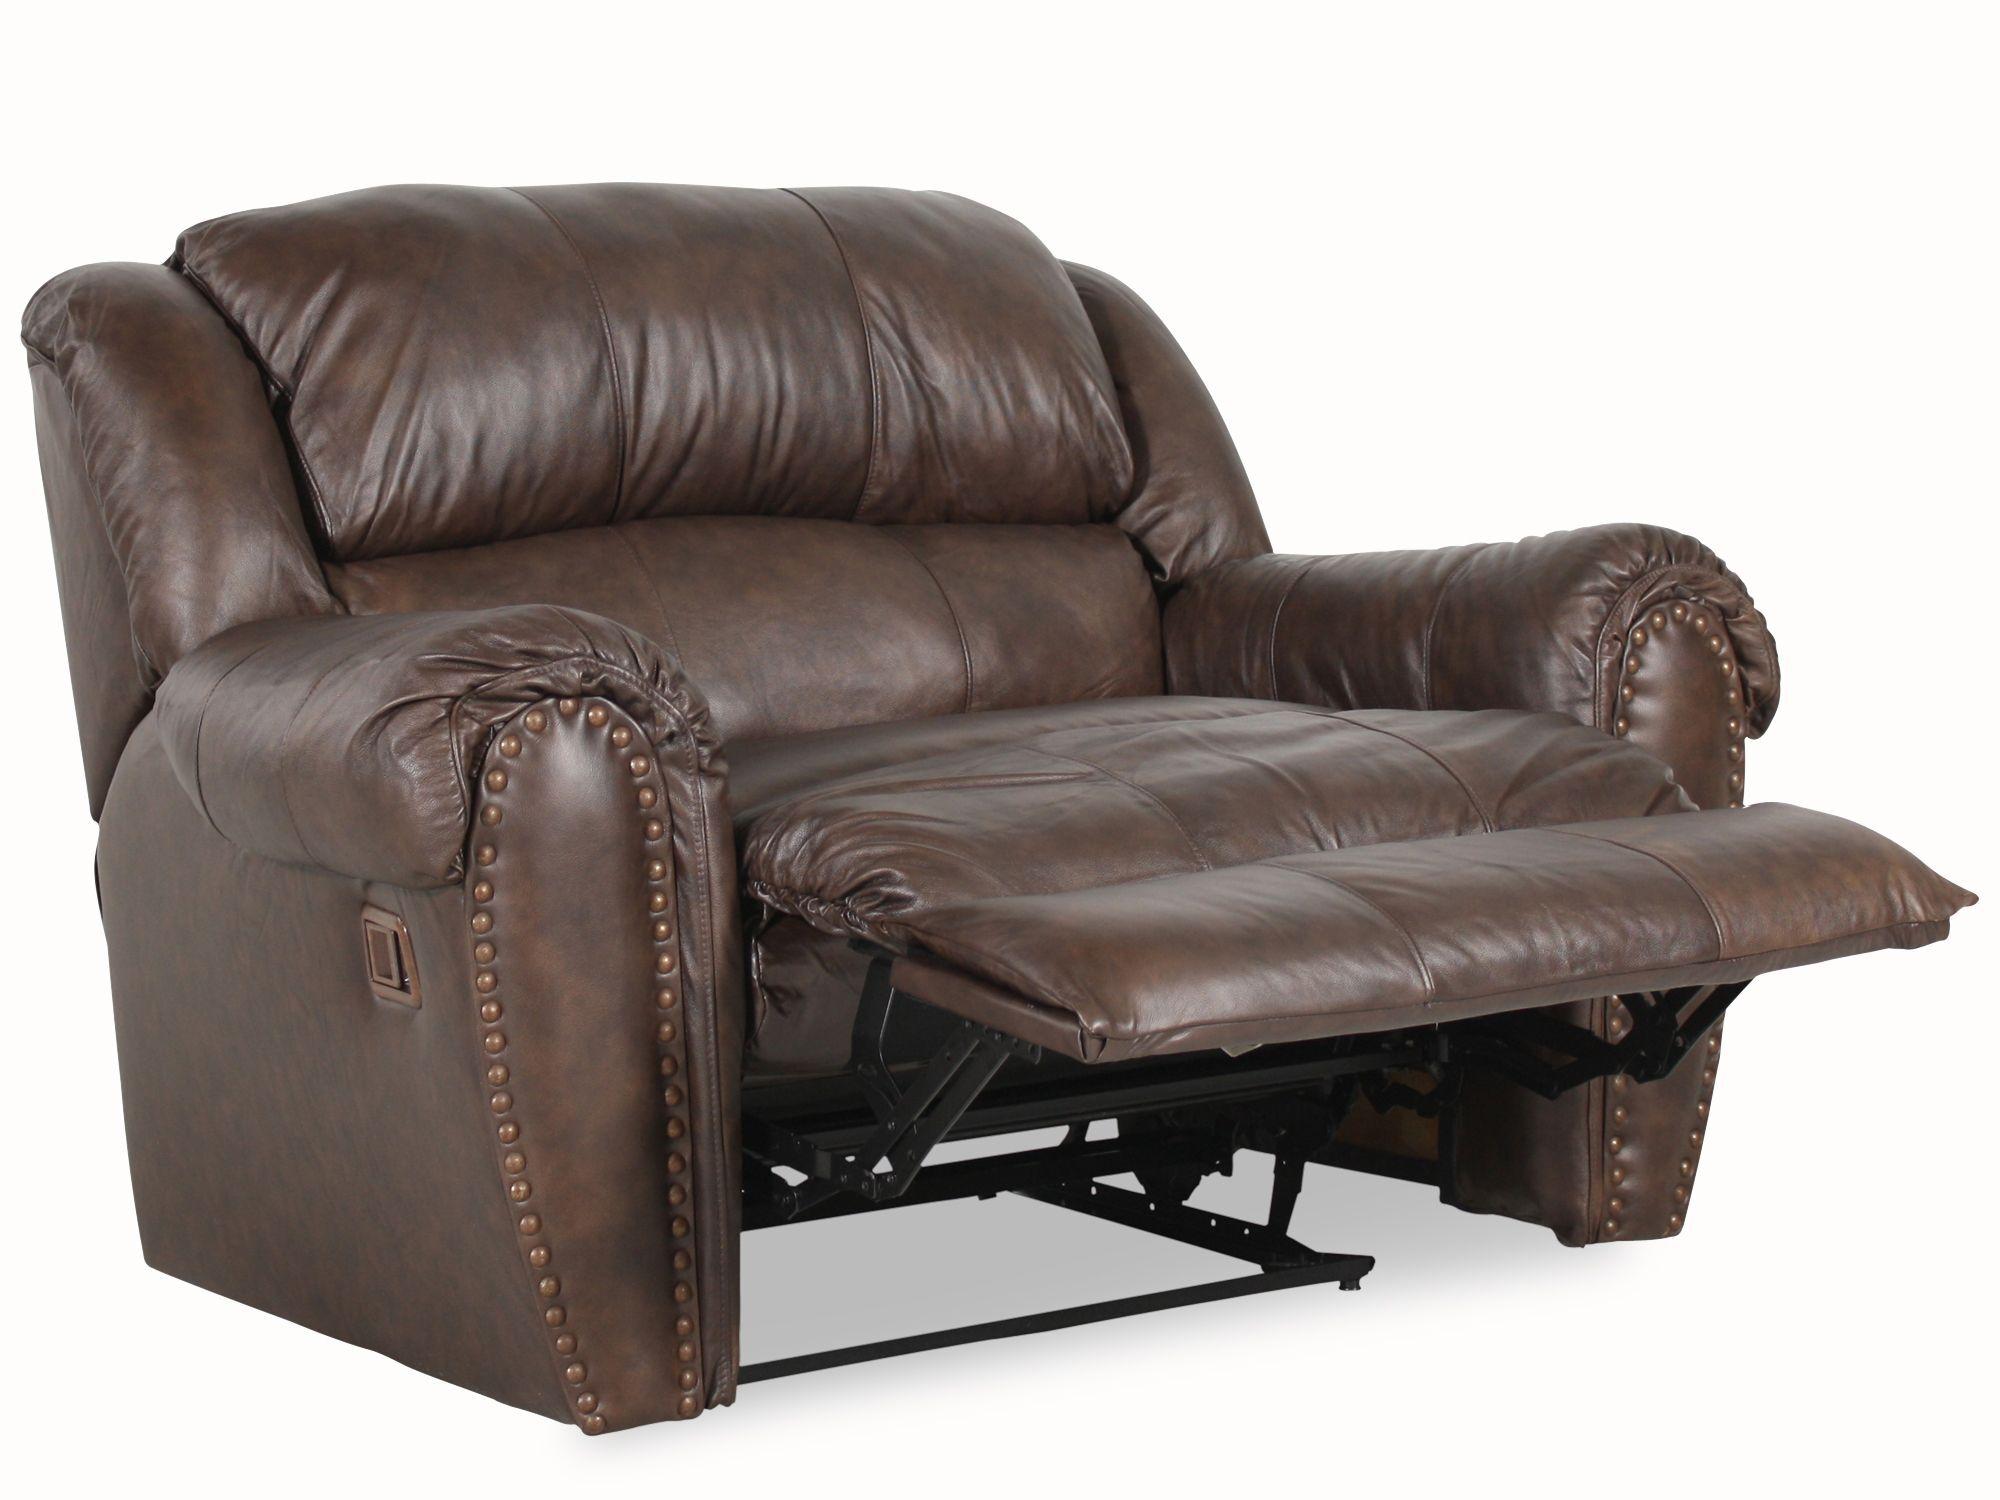 ec 06 massage chair tommy bahama cooler backpack lane snuggler recliner summerlin leather